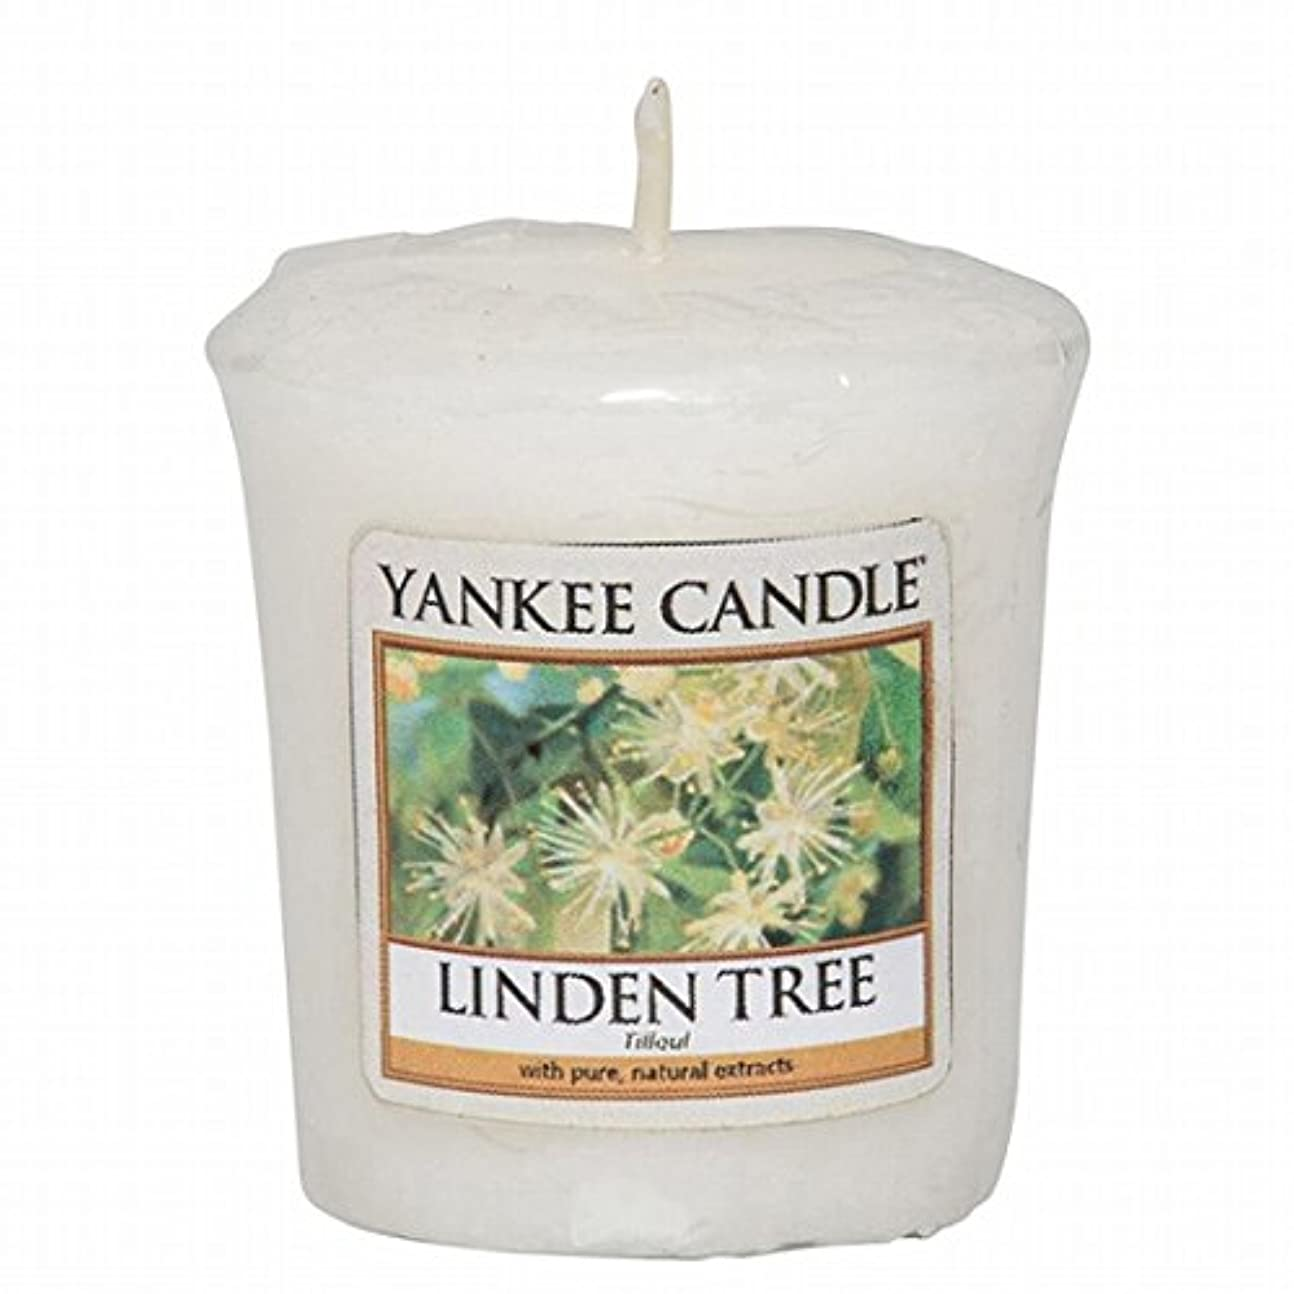 ジョージハンブリー外交ここにYANKEE CANDLE(ヤンキーキャンドル) YANKEE CANDLE サンプラー 「リンデンツリー」(K00105289)